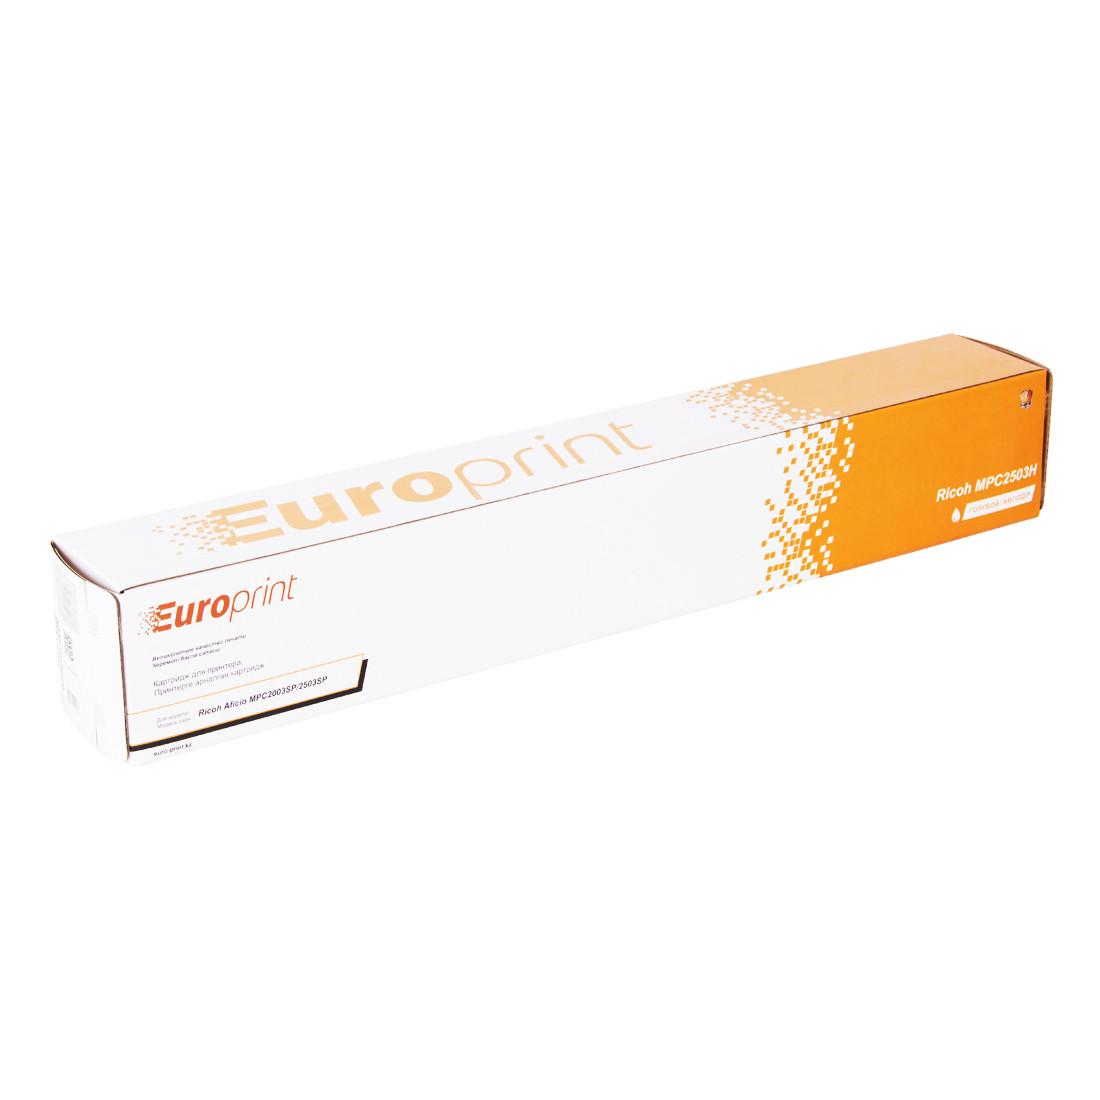 Лазерный картридж Europrint MPC2503H для Aficio MPC2003SP/2503SP (Yellow, 9500 стр)